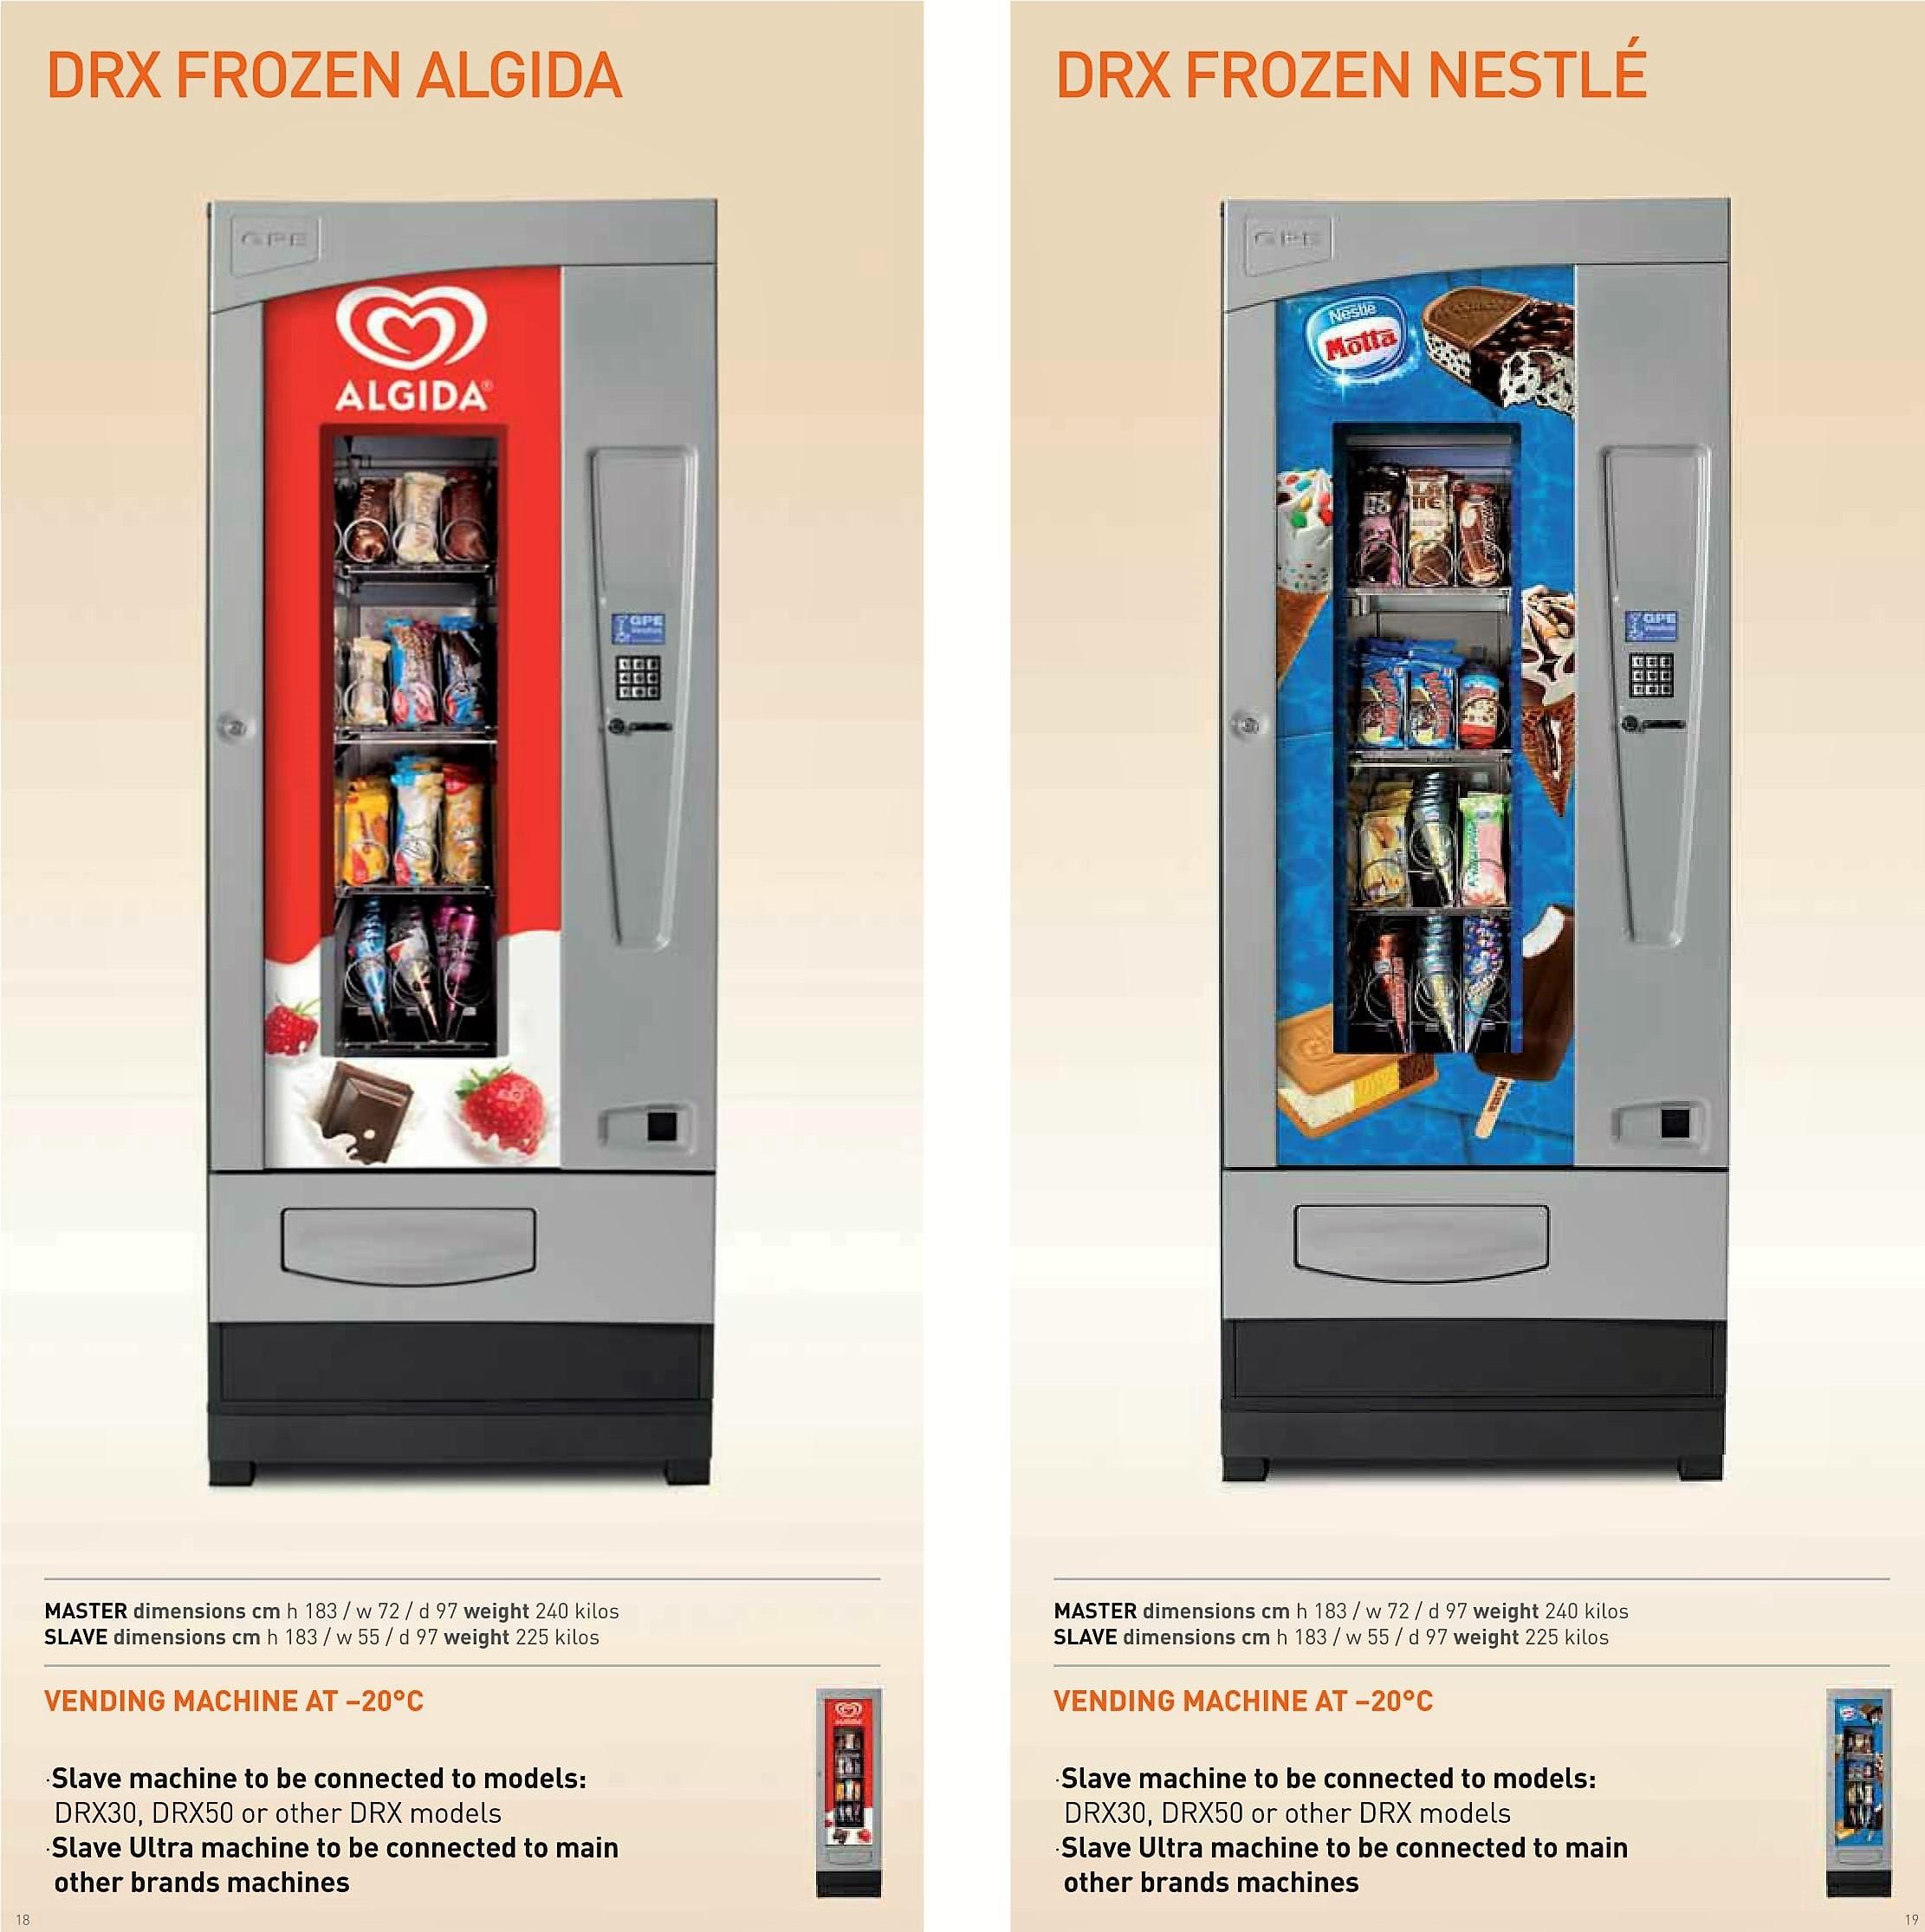 Drx Frozen Algida e Nestlè